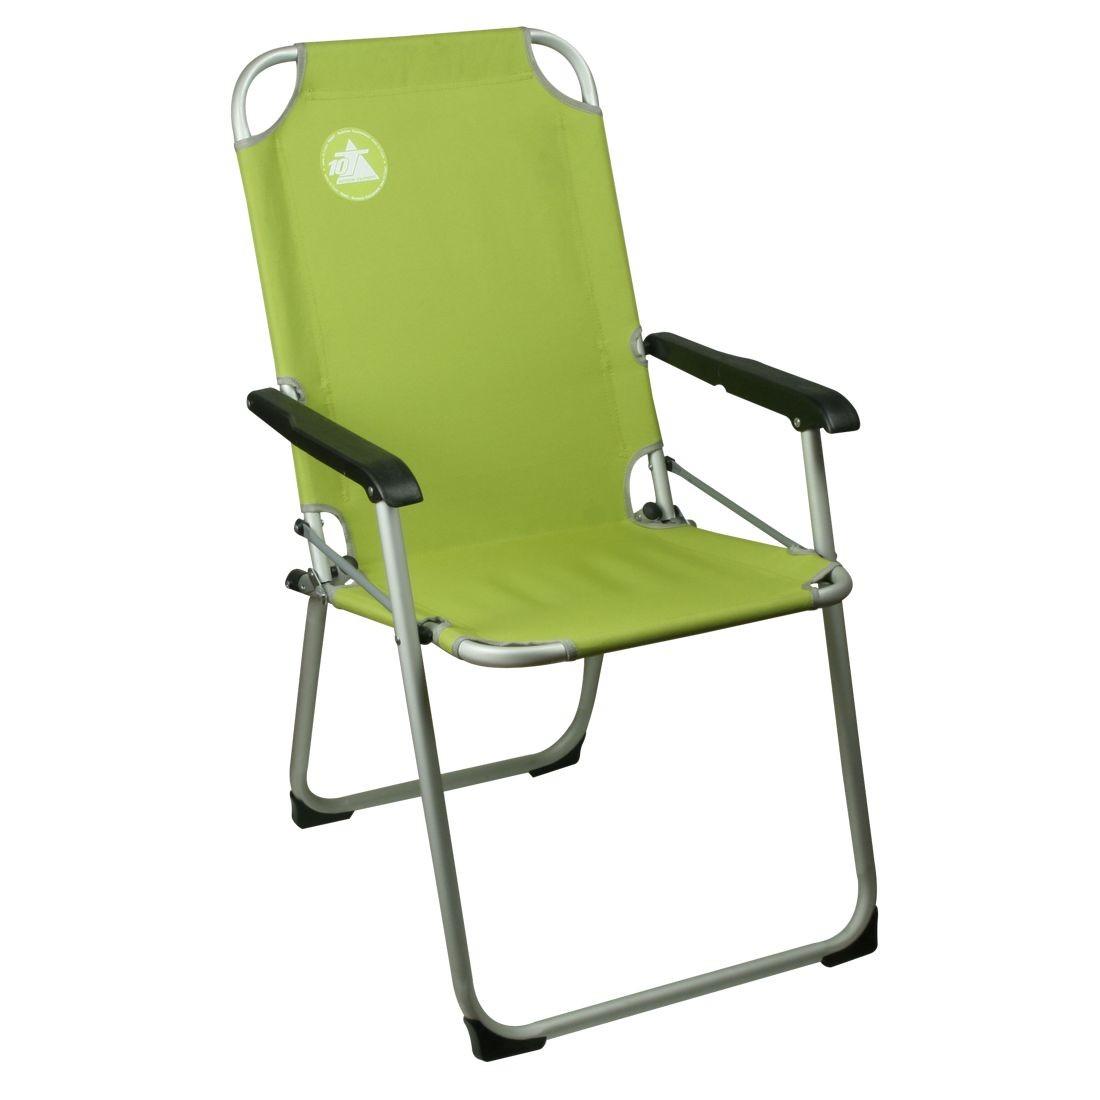 10t lightchair si ge de camping pliant avec accoudoirs vert ch ssis en ac - Chaise de camping pliante carrefour ...